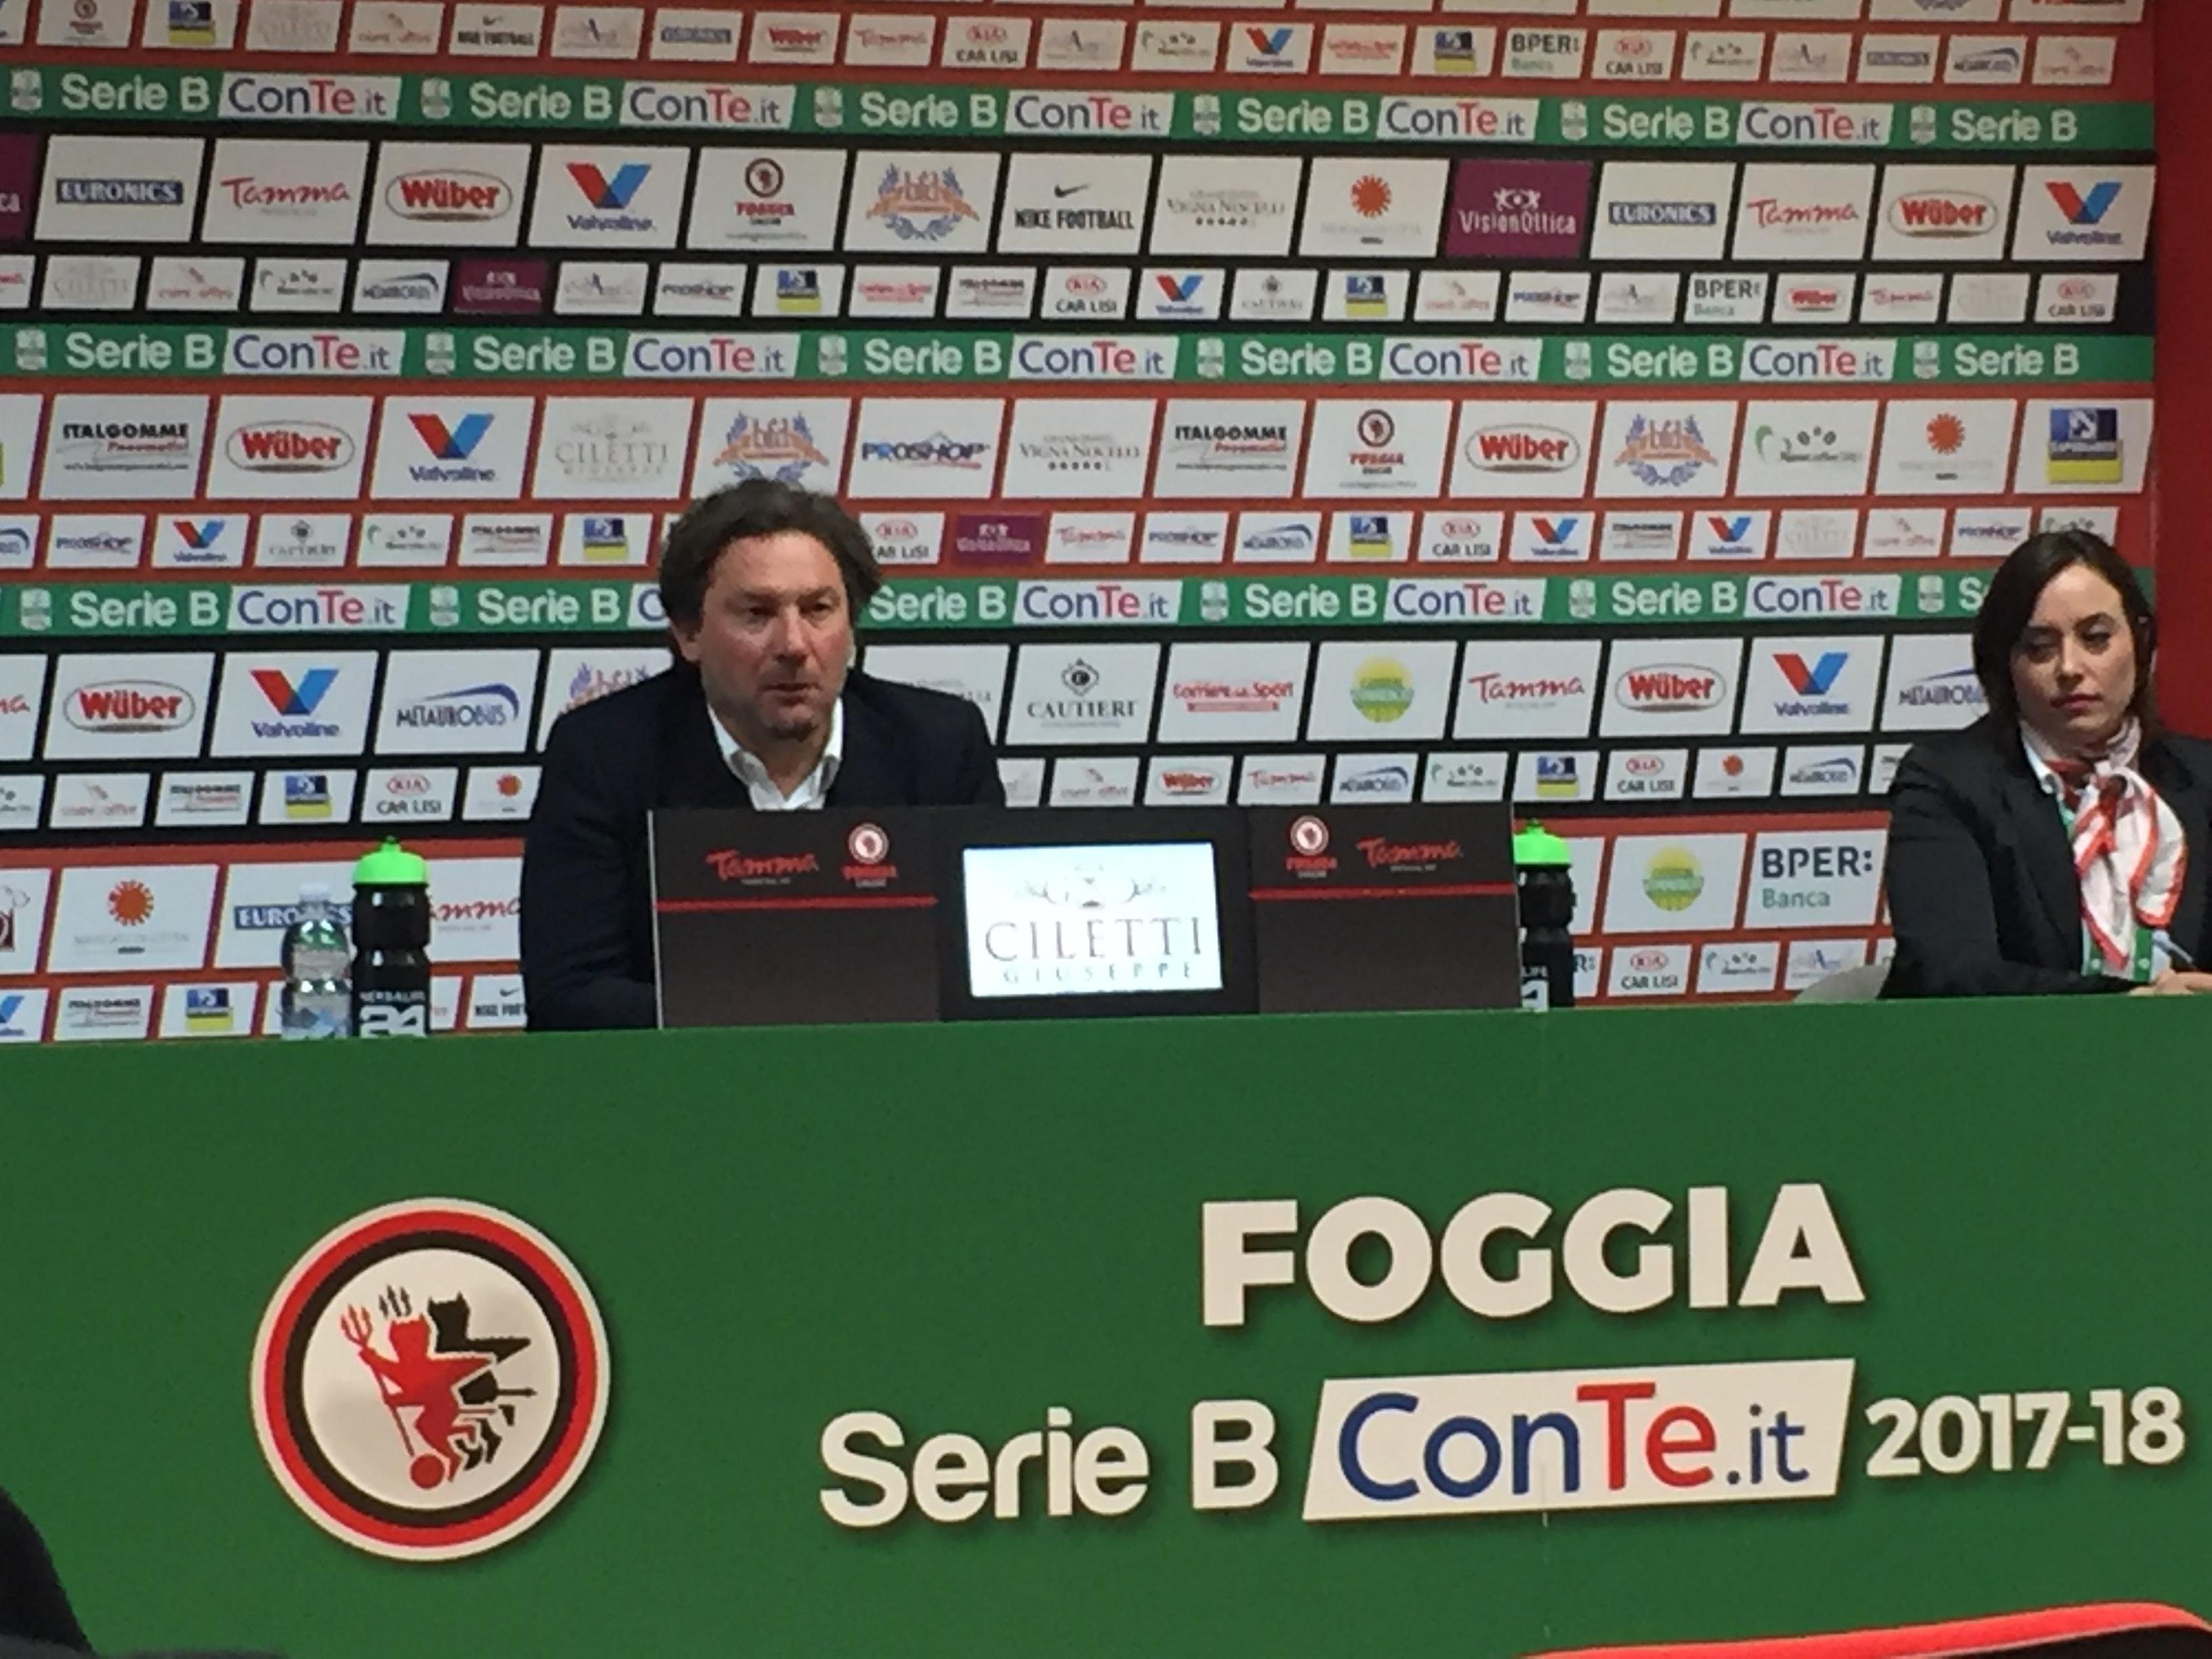 """Photo of Foggia, Stroppa: """"Discorso salvezza archiviato. Siamo a 49 punti, prossimo obiettivo 52. Bisognerà giocare ogni partita come se fosse una finale"""""""